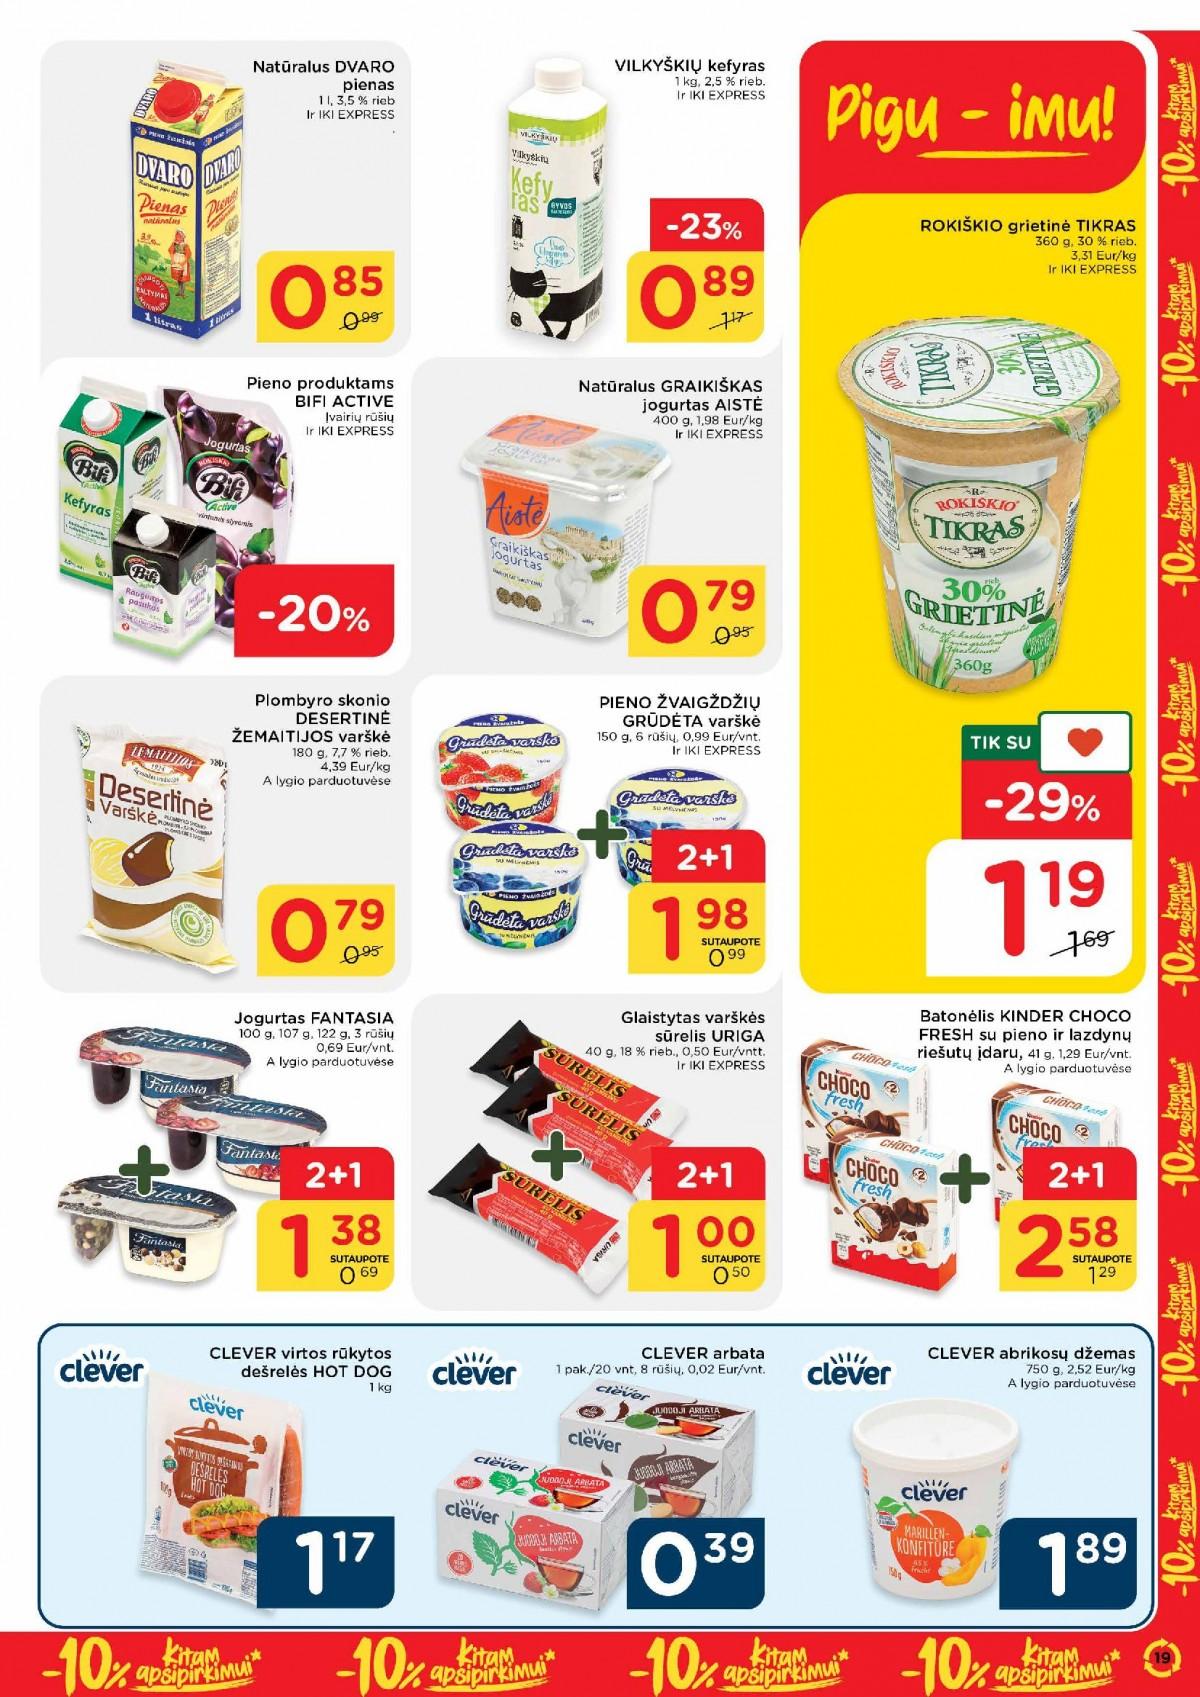 Pasiimkite 10% kitam apsipirkimui! Nr. 23 page 19